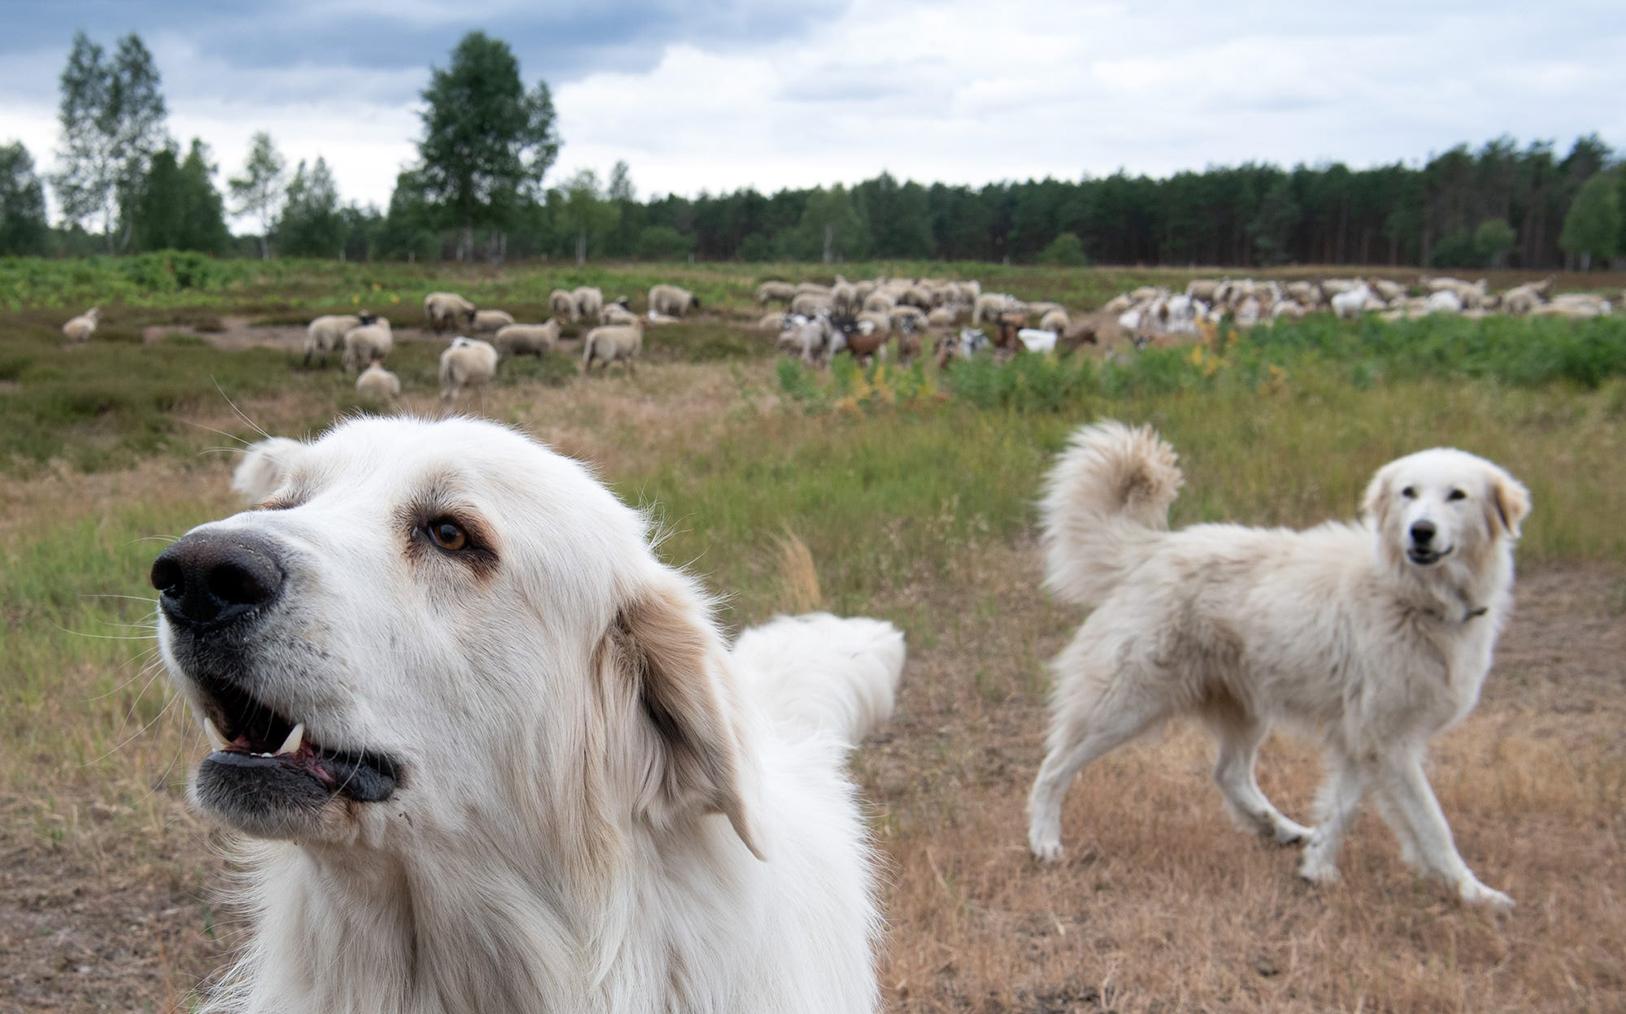 Dogs in a field.